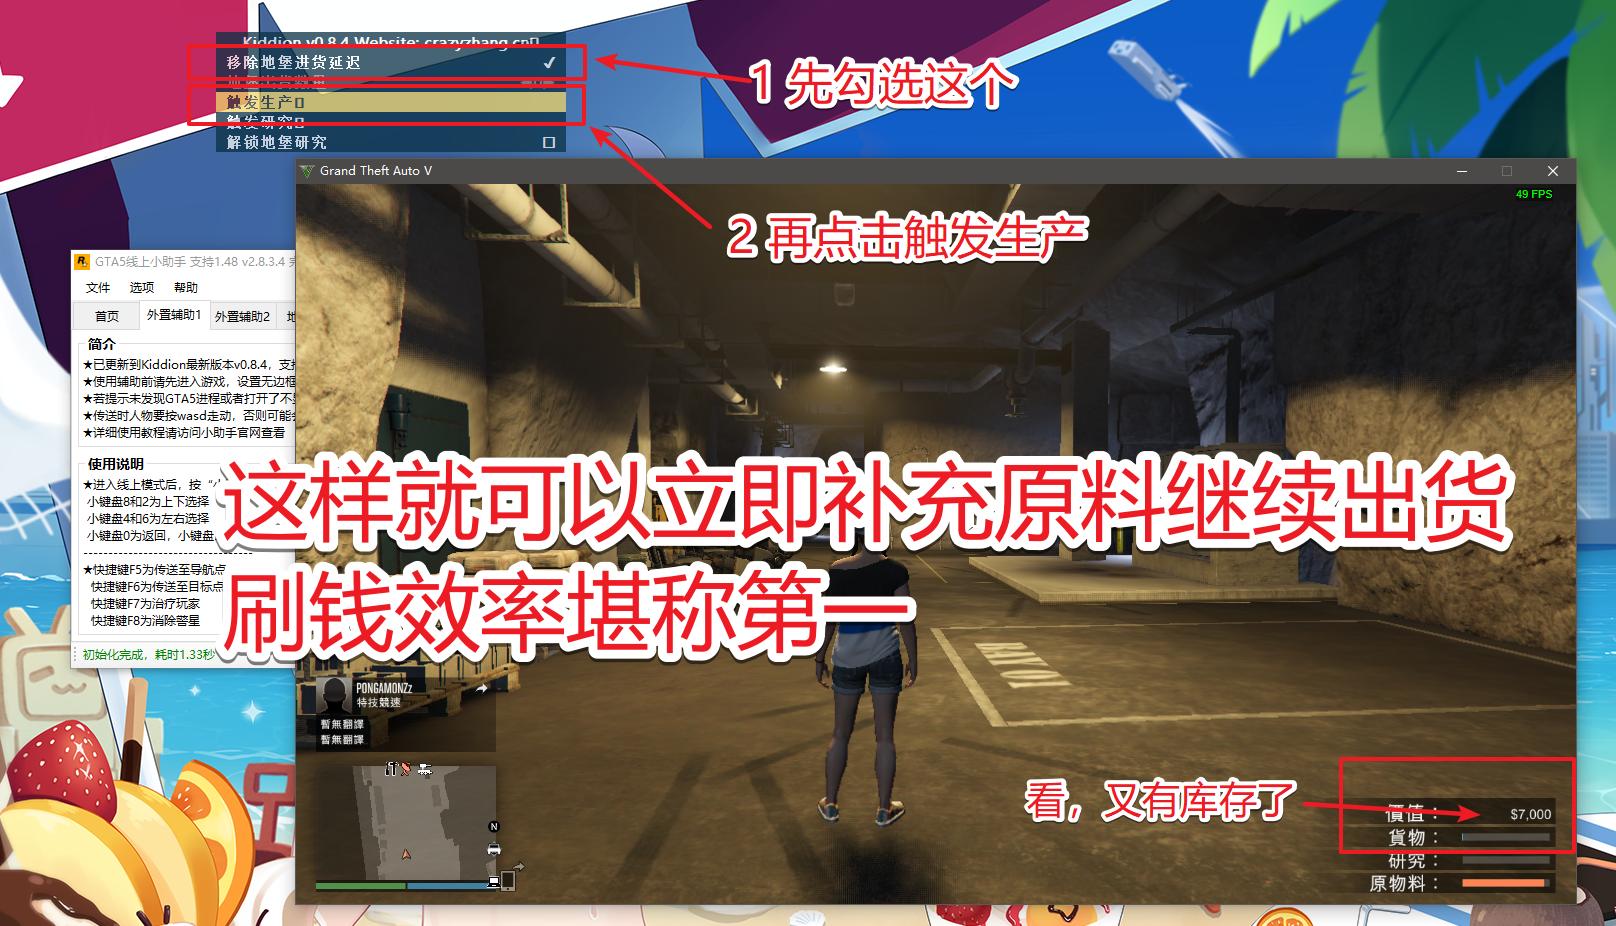 【推荐】全新地堡刷钱姿势,简直不要太快插图(4)